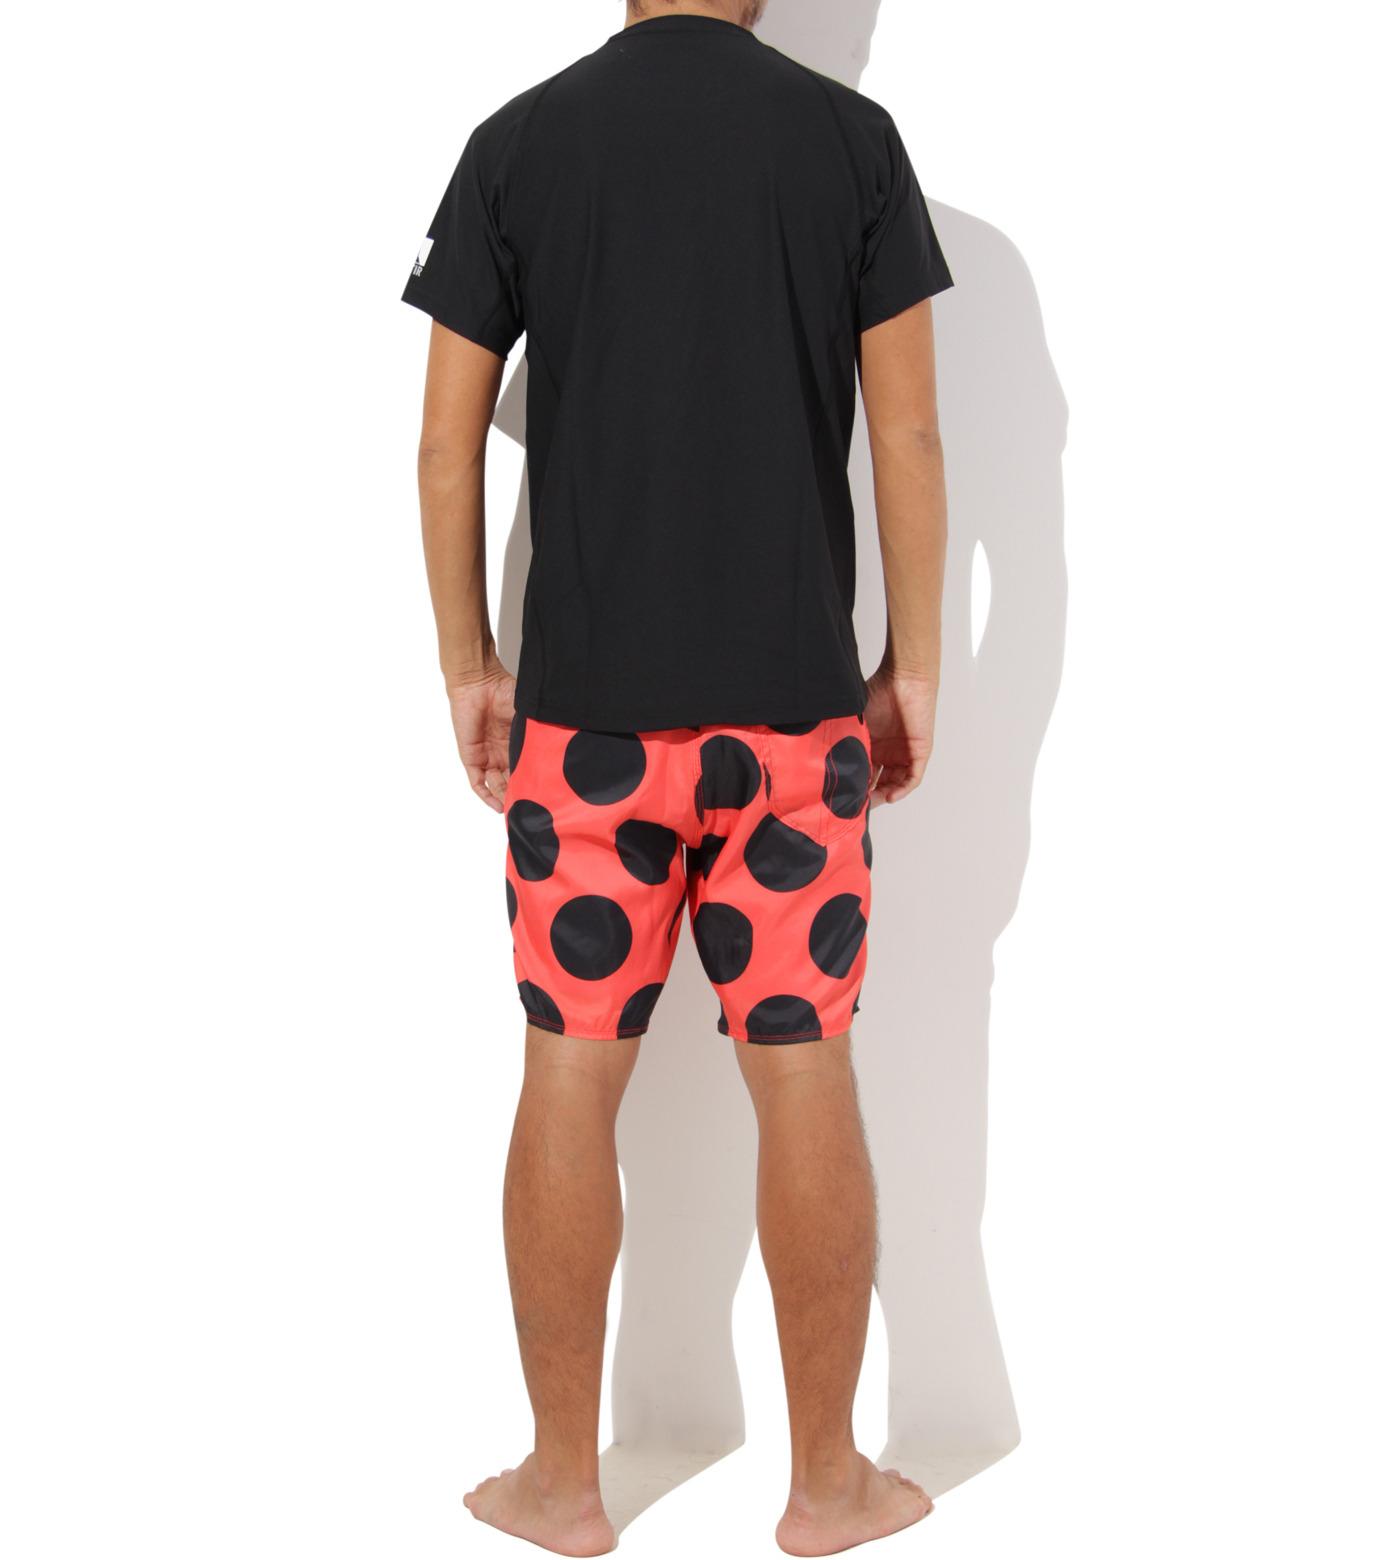 TWO TWO ONE(トゥートゥーワン)のDot surf shorts-BORDEAUX(SWIMWEAR/SWIMWEAR)-15N98003-63 拡大詳細画像6